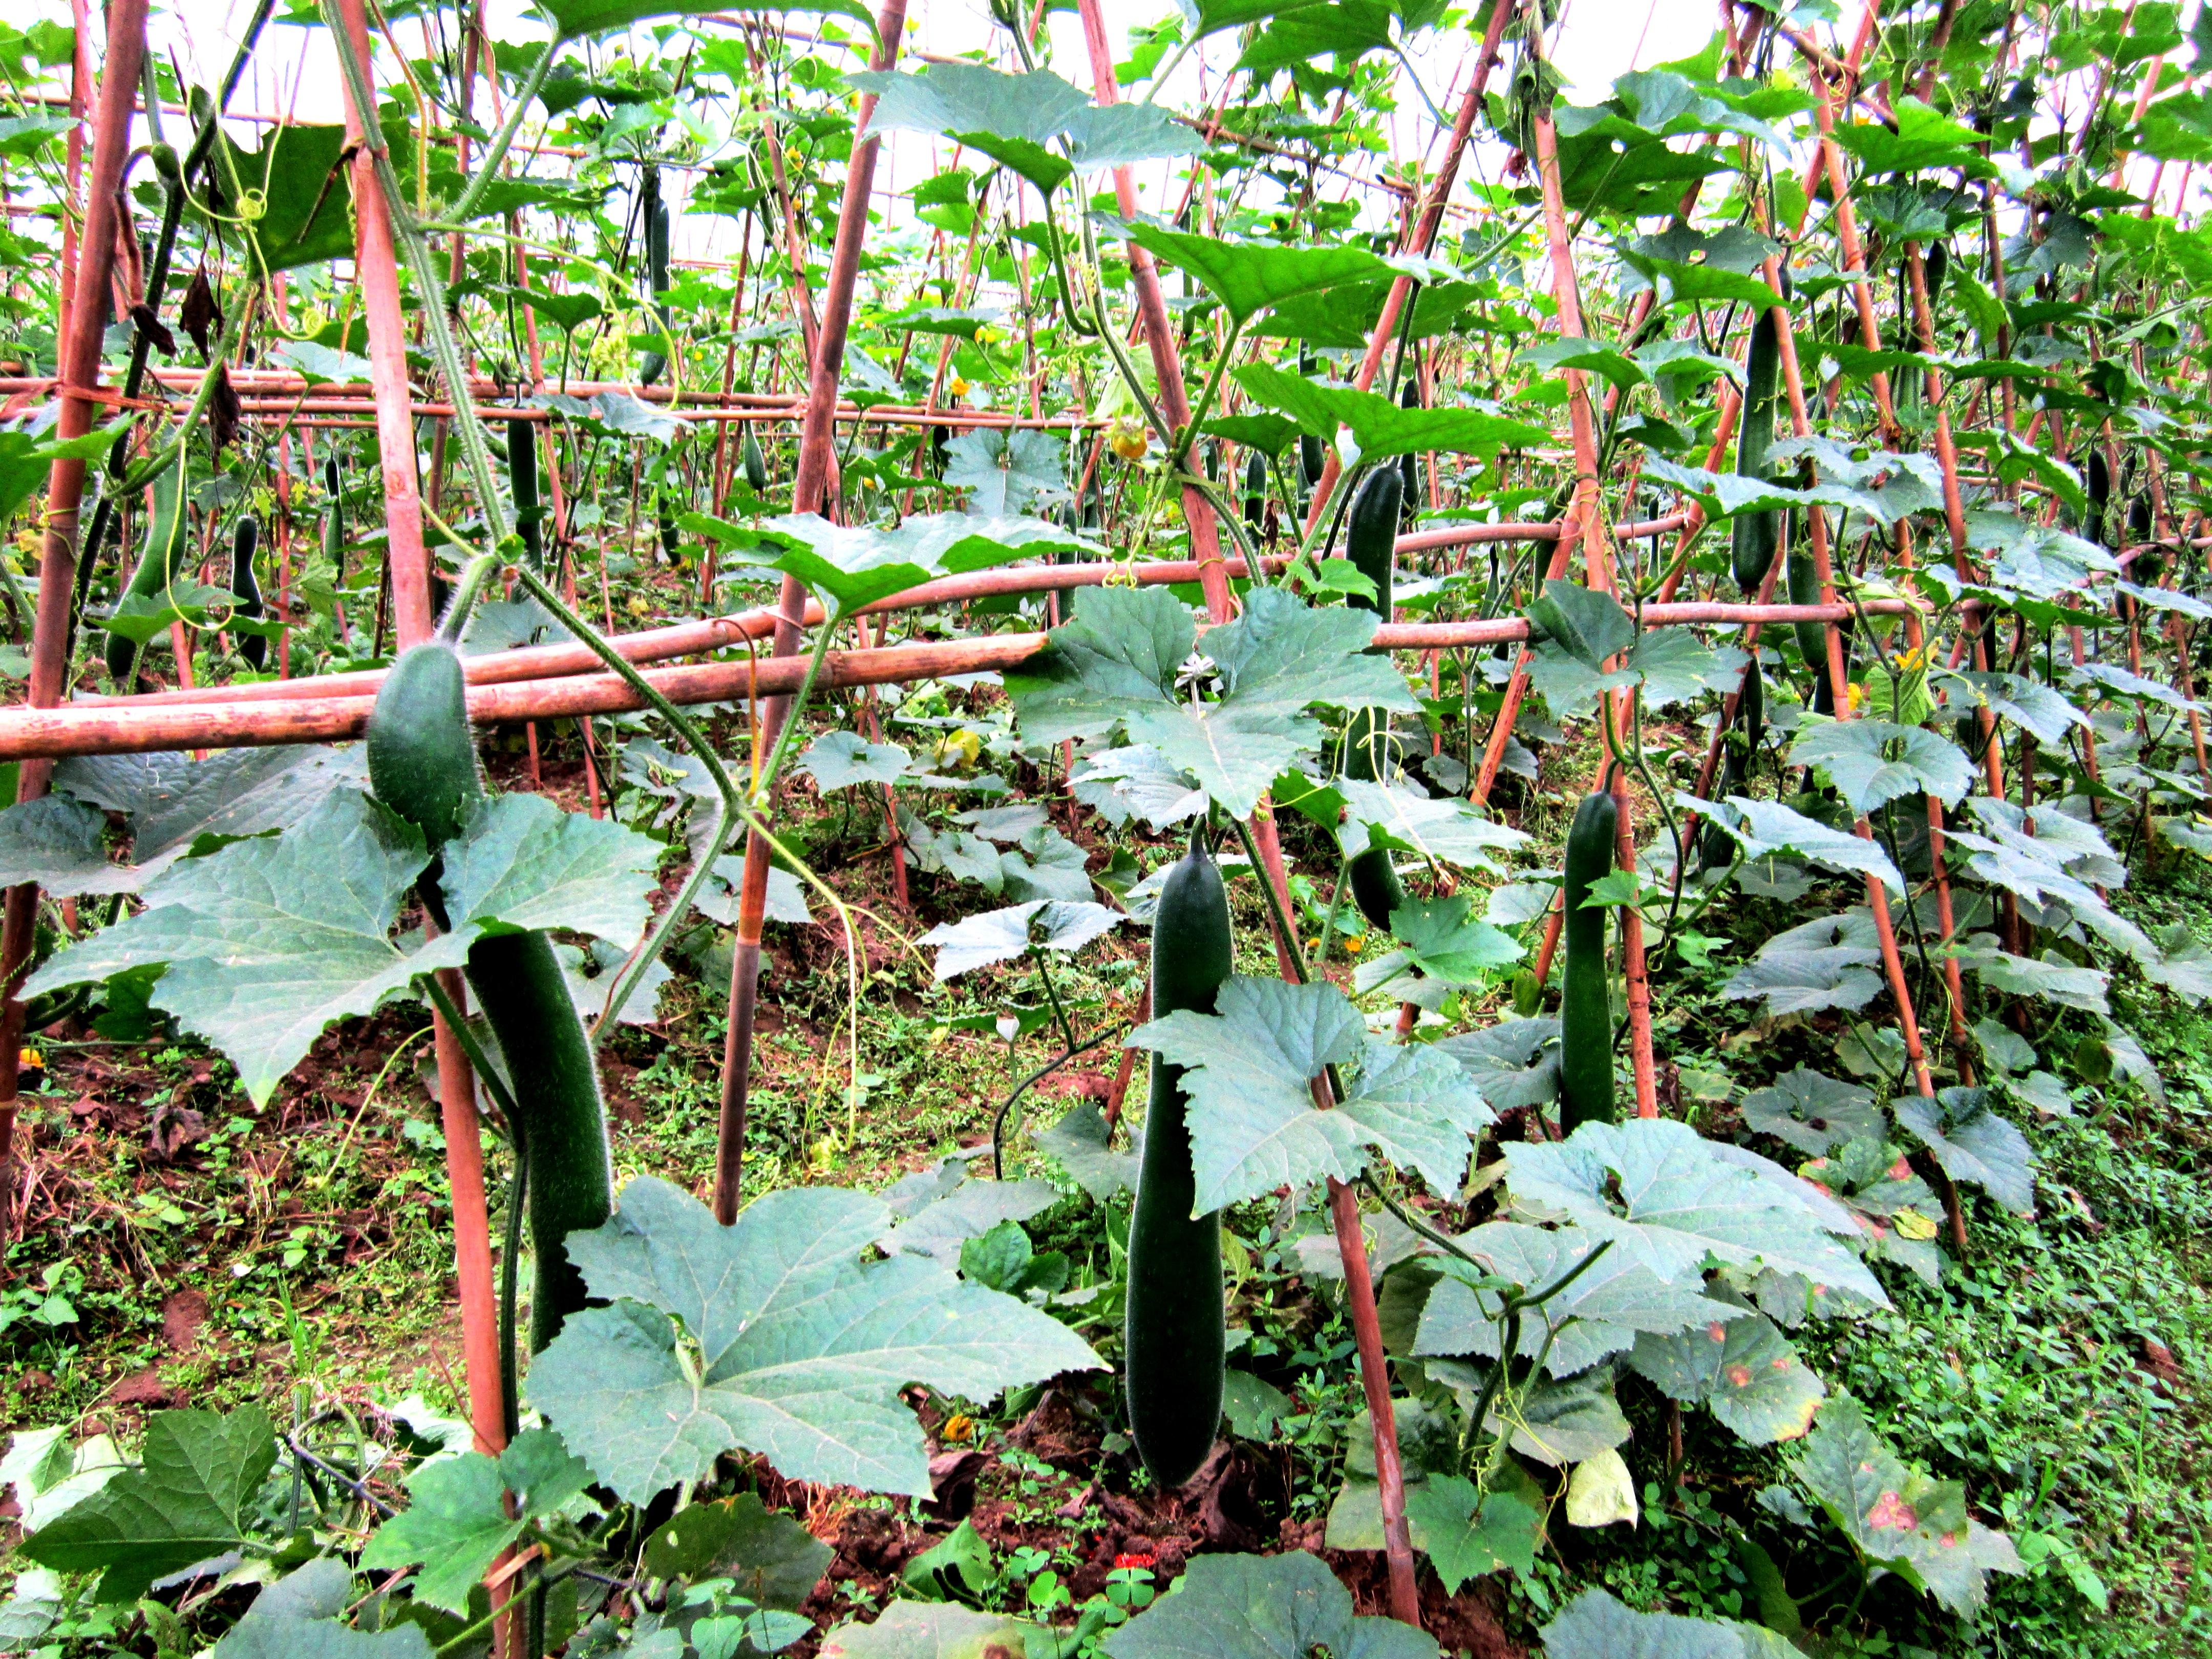 Bí đao xanh đã và đang mang lại thu nhập cao cho người nông dân ở xã Văn Lang.